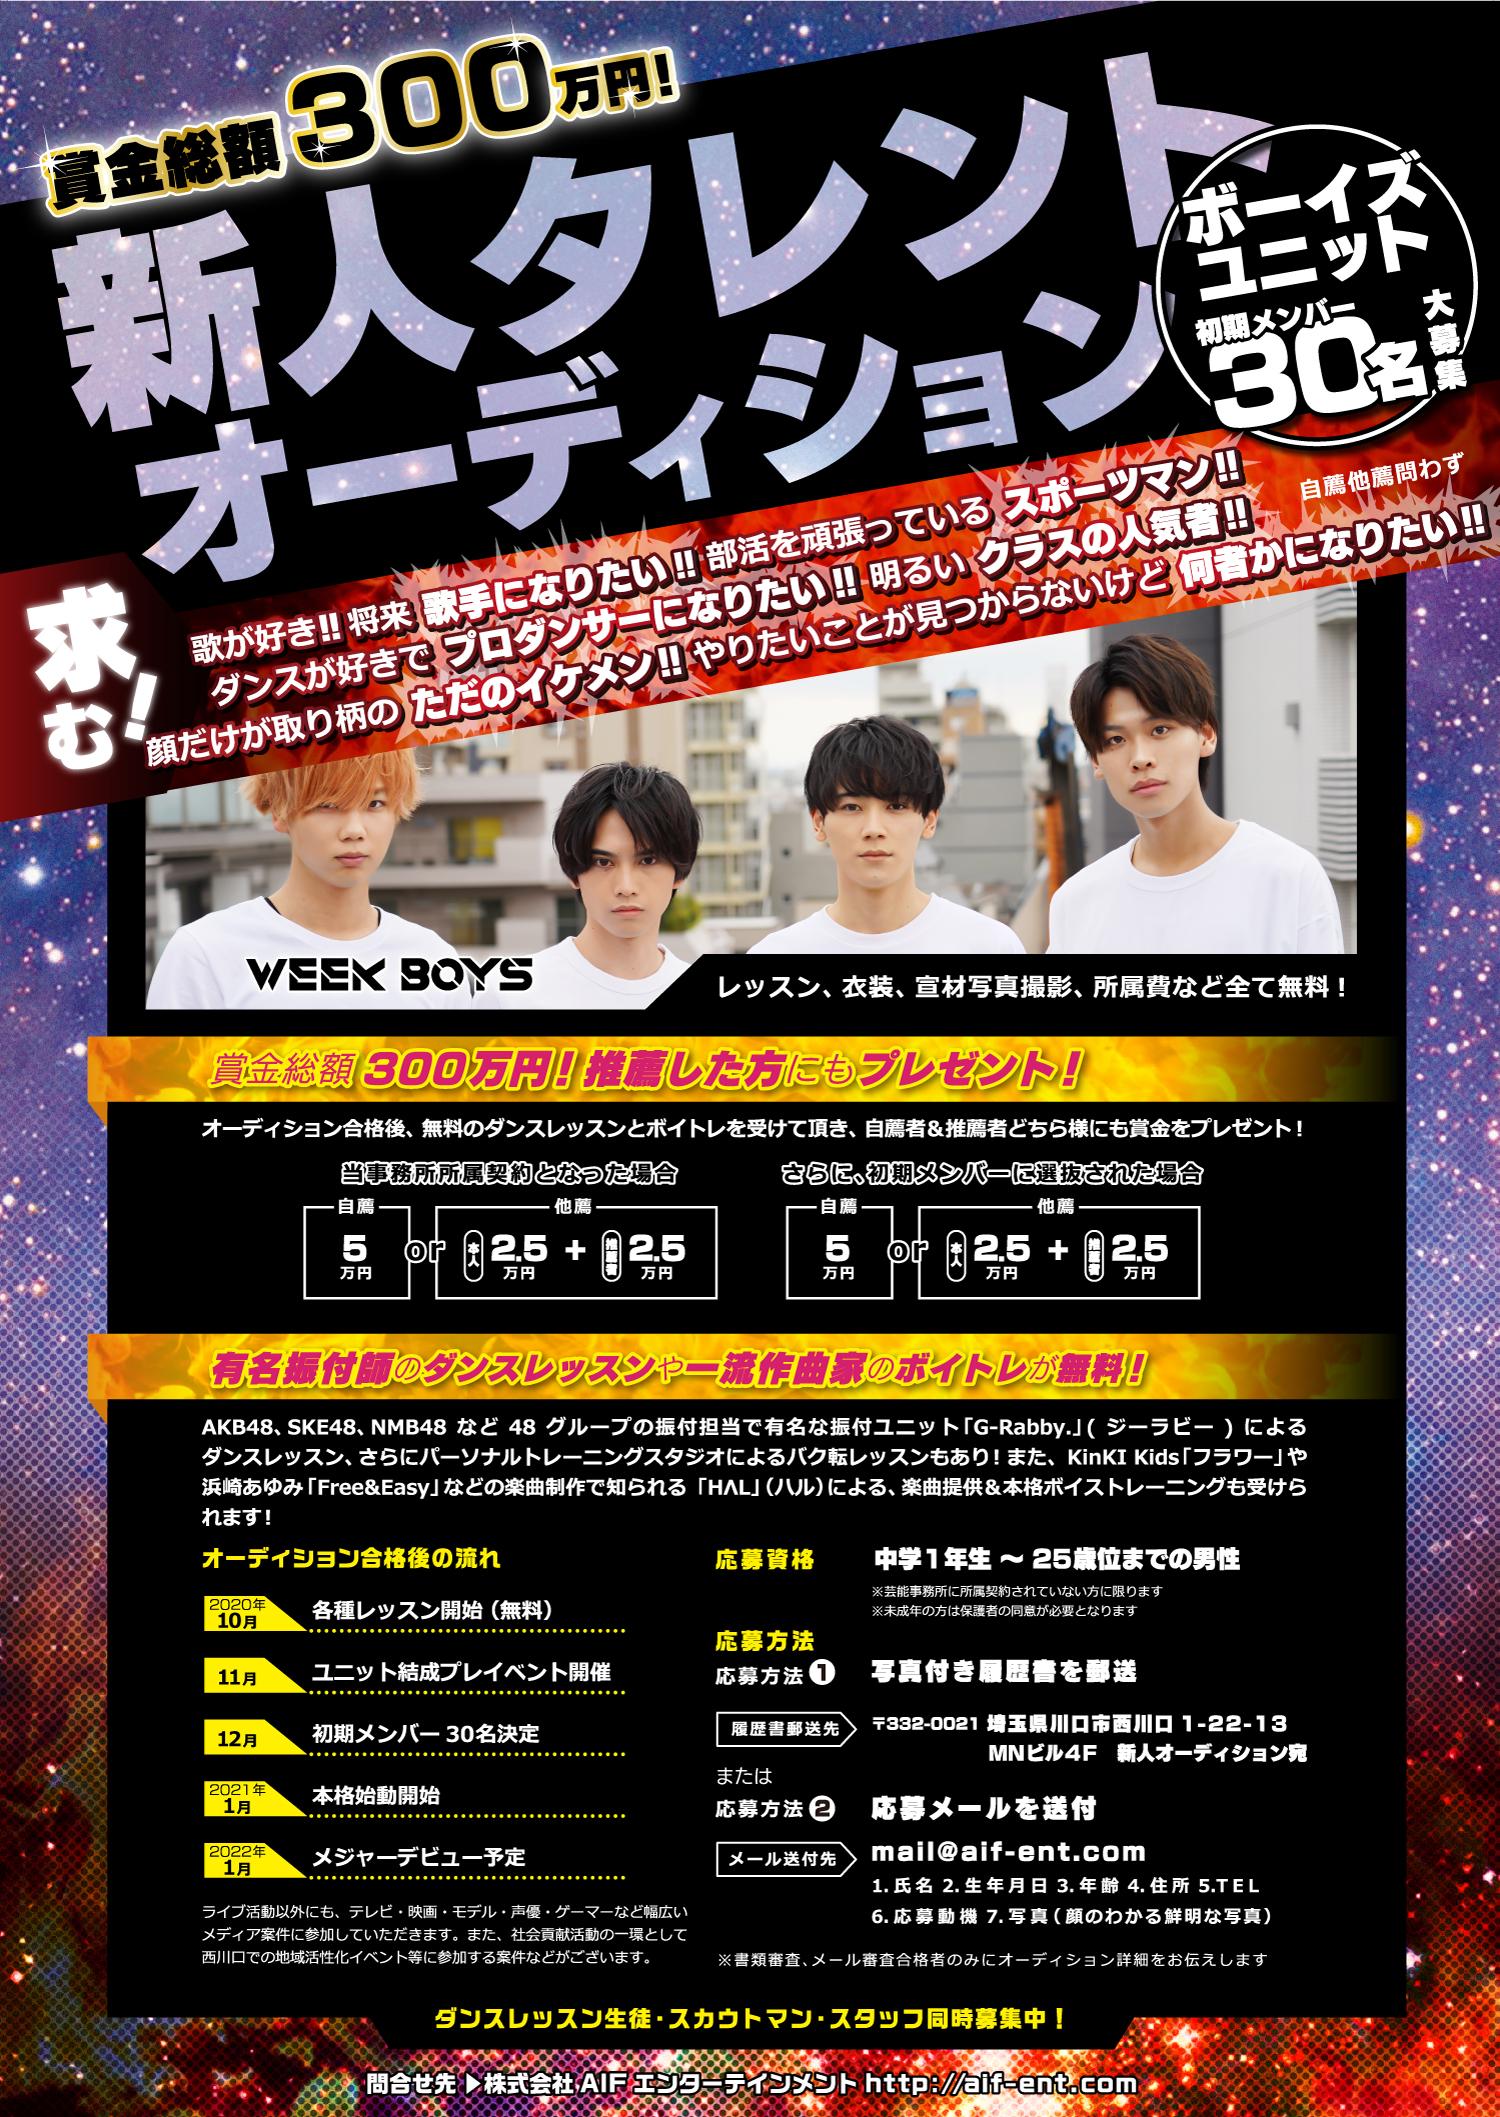 オーディション 専用劇場で毎日イベント WEEK BOYS 初期メンバー30名募集 西川口専用劇場から世界に!  主催:株式会社AIFエンターテインメント、カテゴリ:メンズアイドル